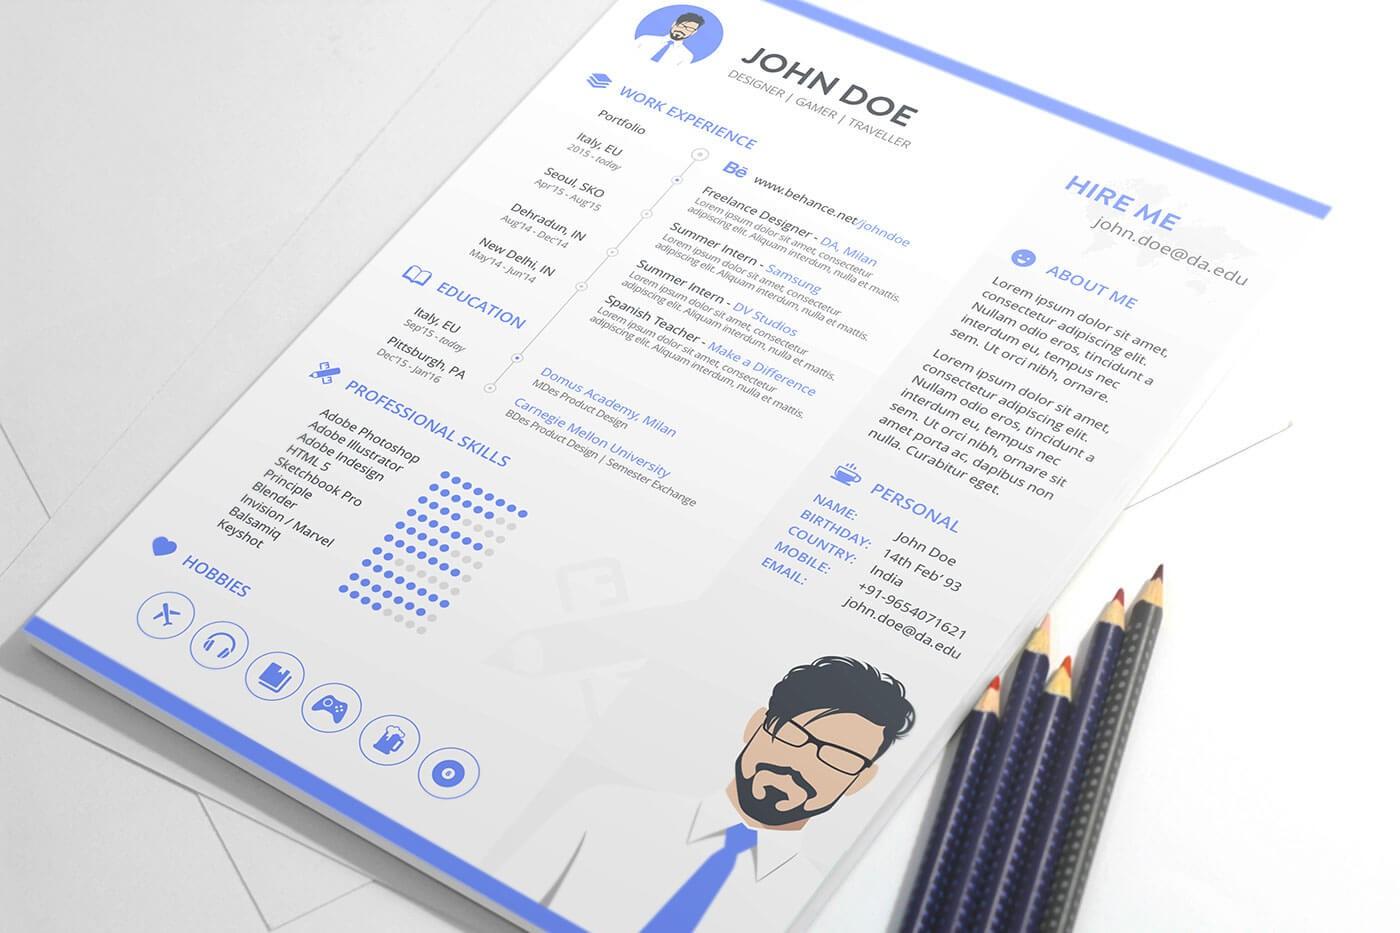 Tổng hợp các mẫu CV tiếng anh đơn giản và đẹp nhất 2020